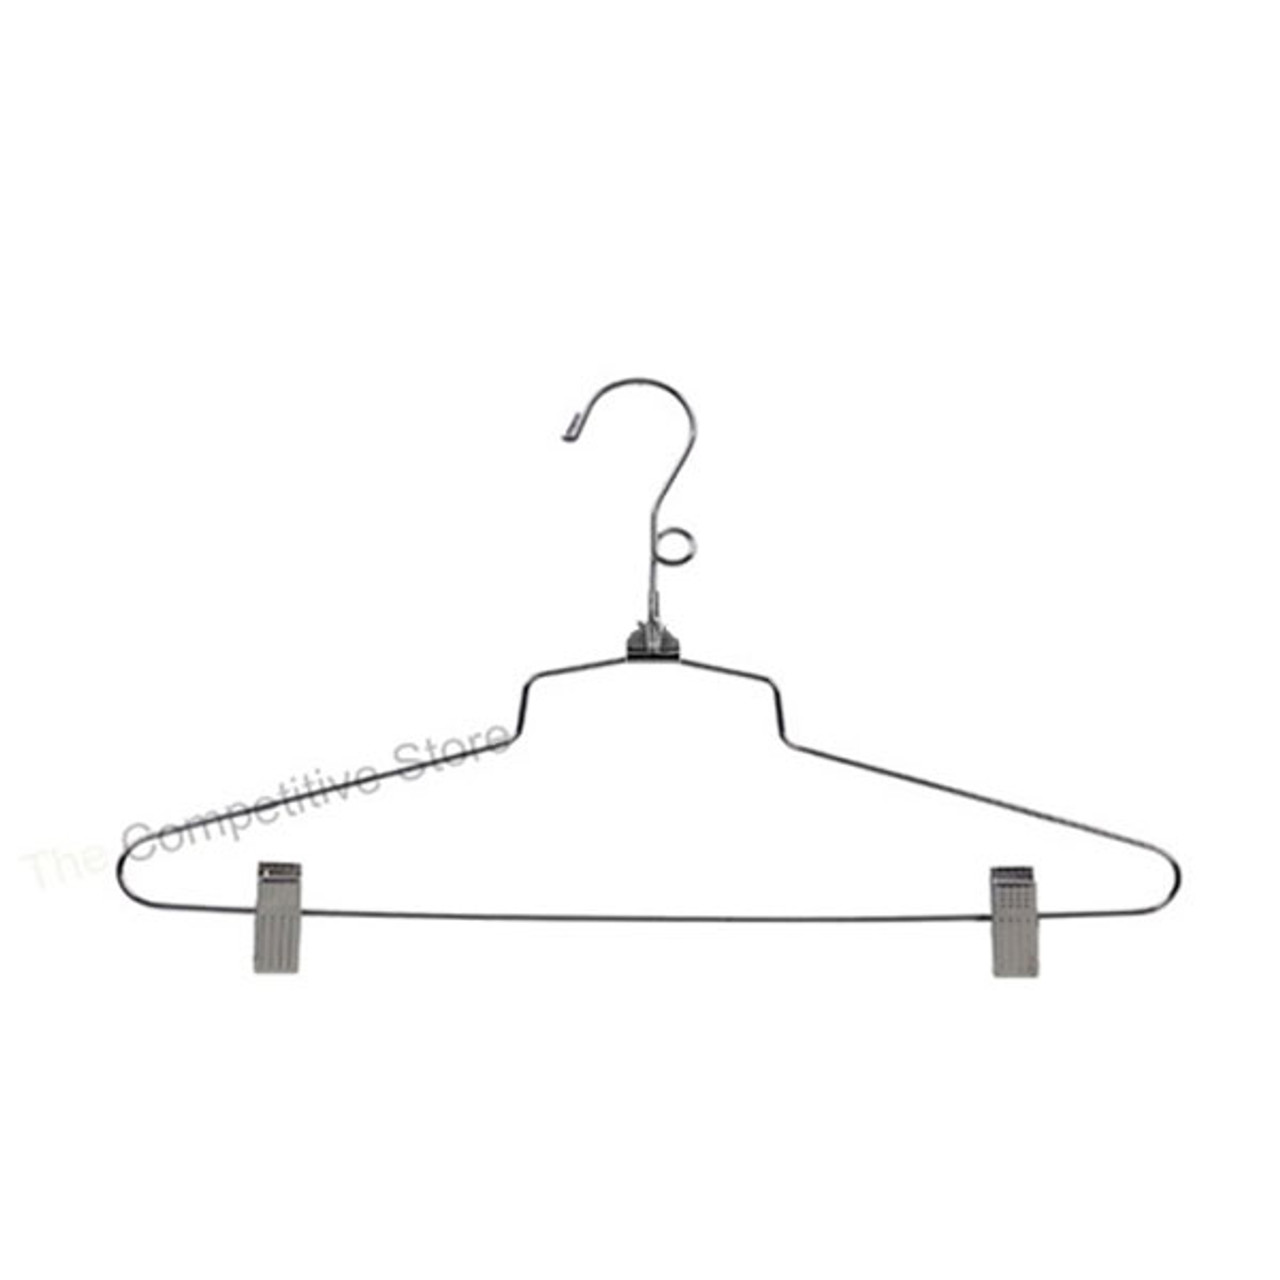 16 Metal Combination Hanger With Loop Hook